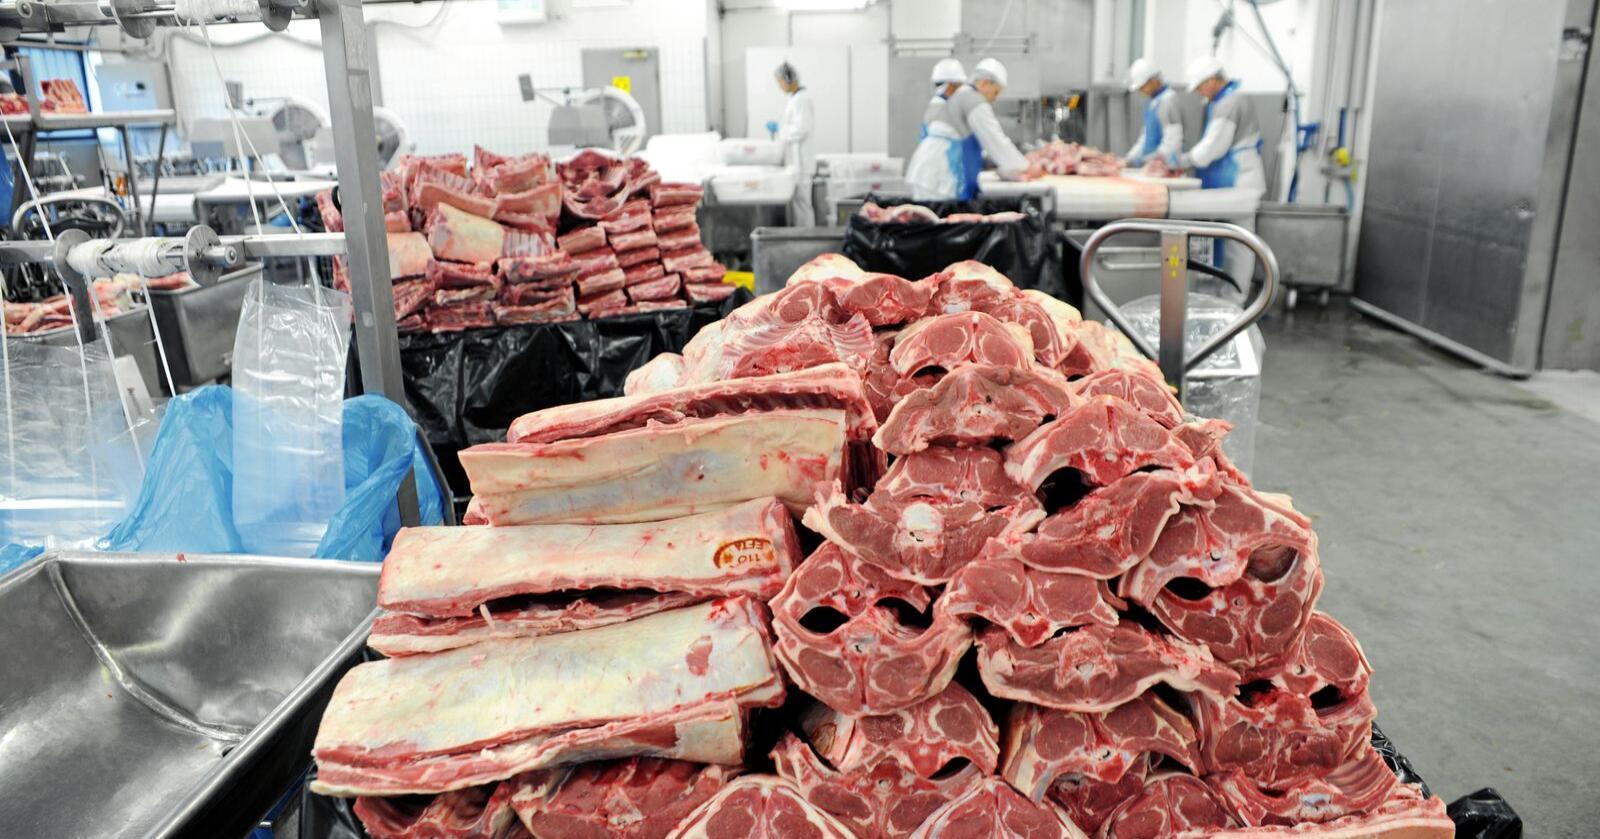 Det er stans i produksjonen ved Nortura Gol etter et utbrudd av koronaviruset blant ansatte. Foto: Mariann Tvete